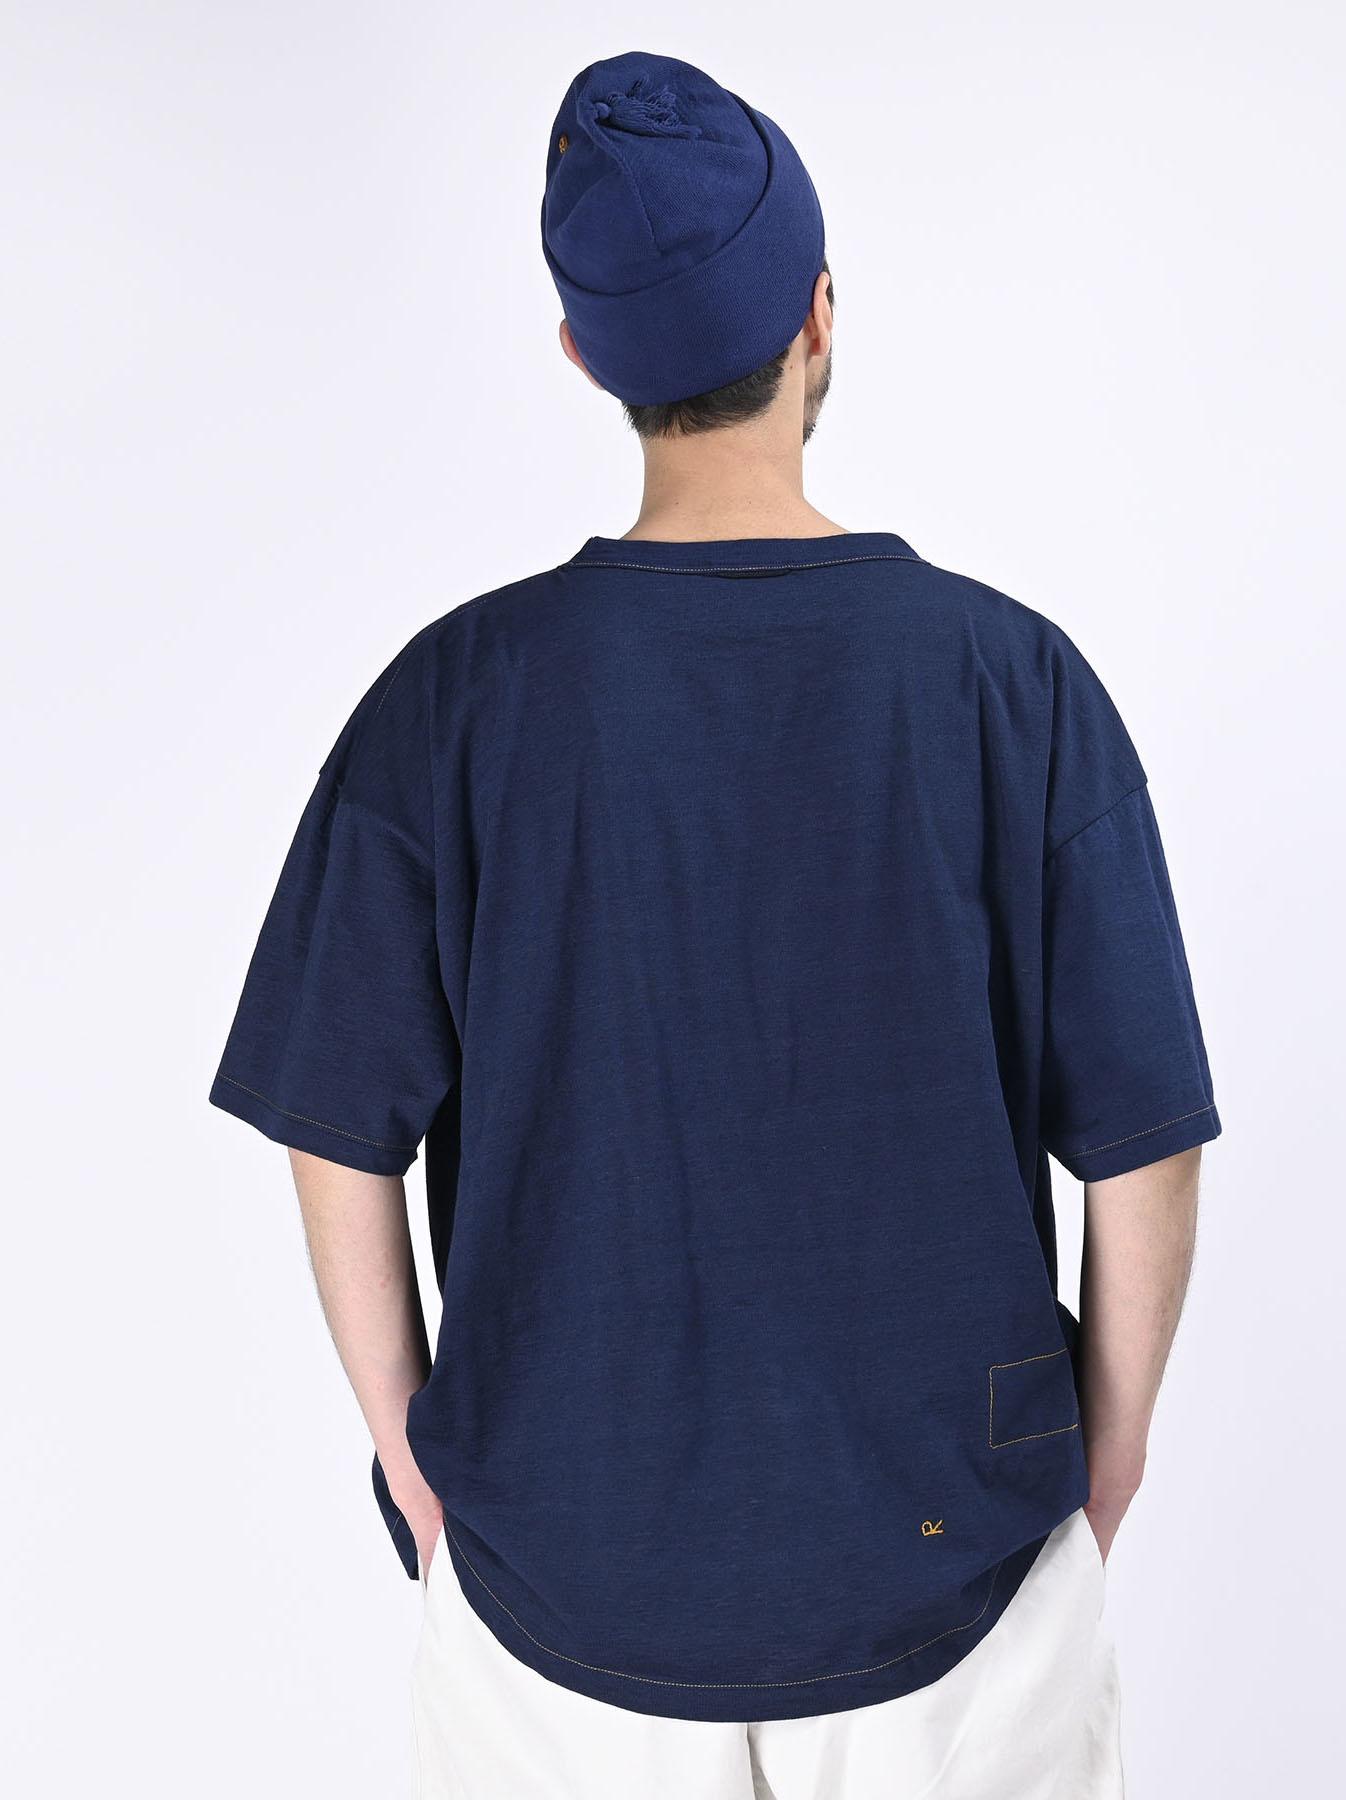 Indigo Tenjiku 908 Ocean T-Shirt (0621)-5